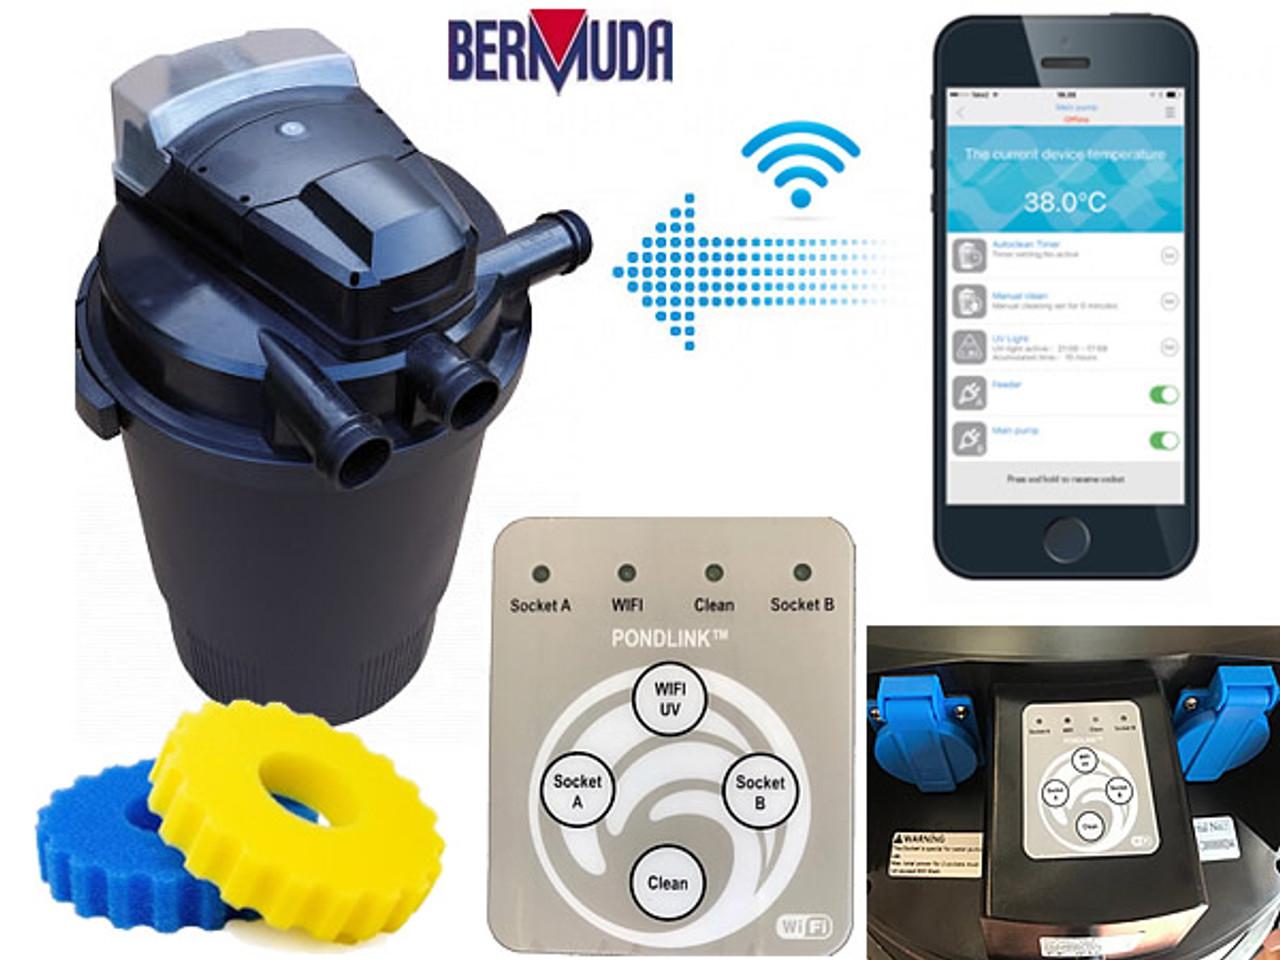 Bermuda 30000 Wi-Fi Controlled Pressure Filter - BER4002